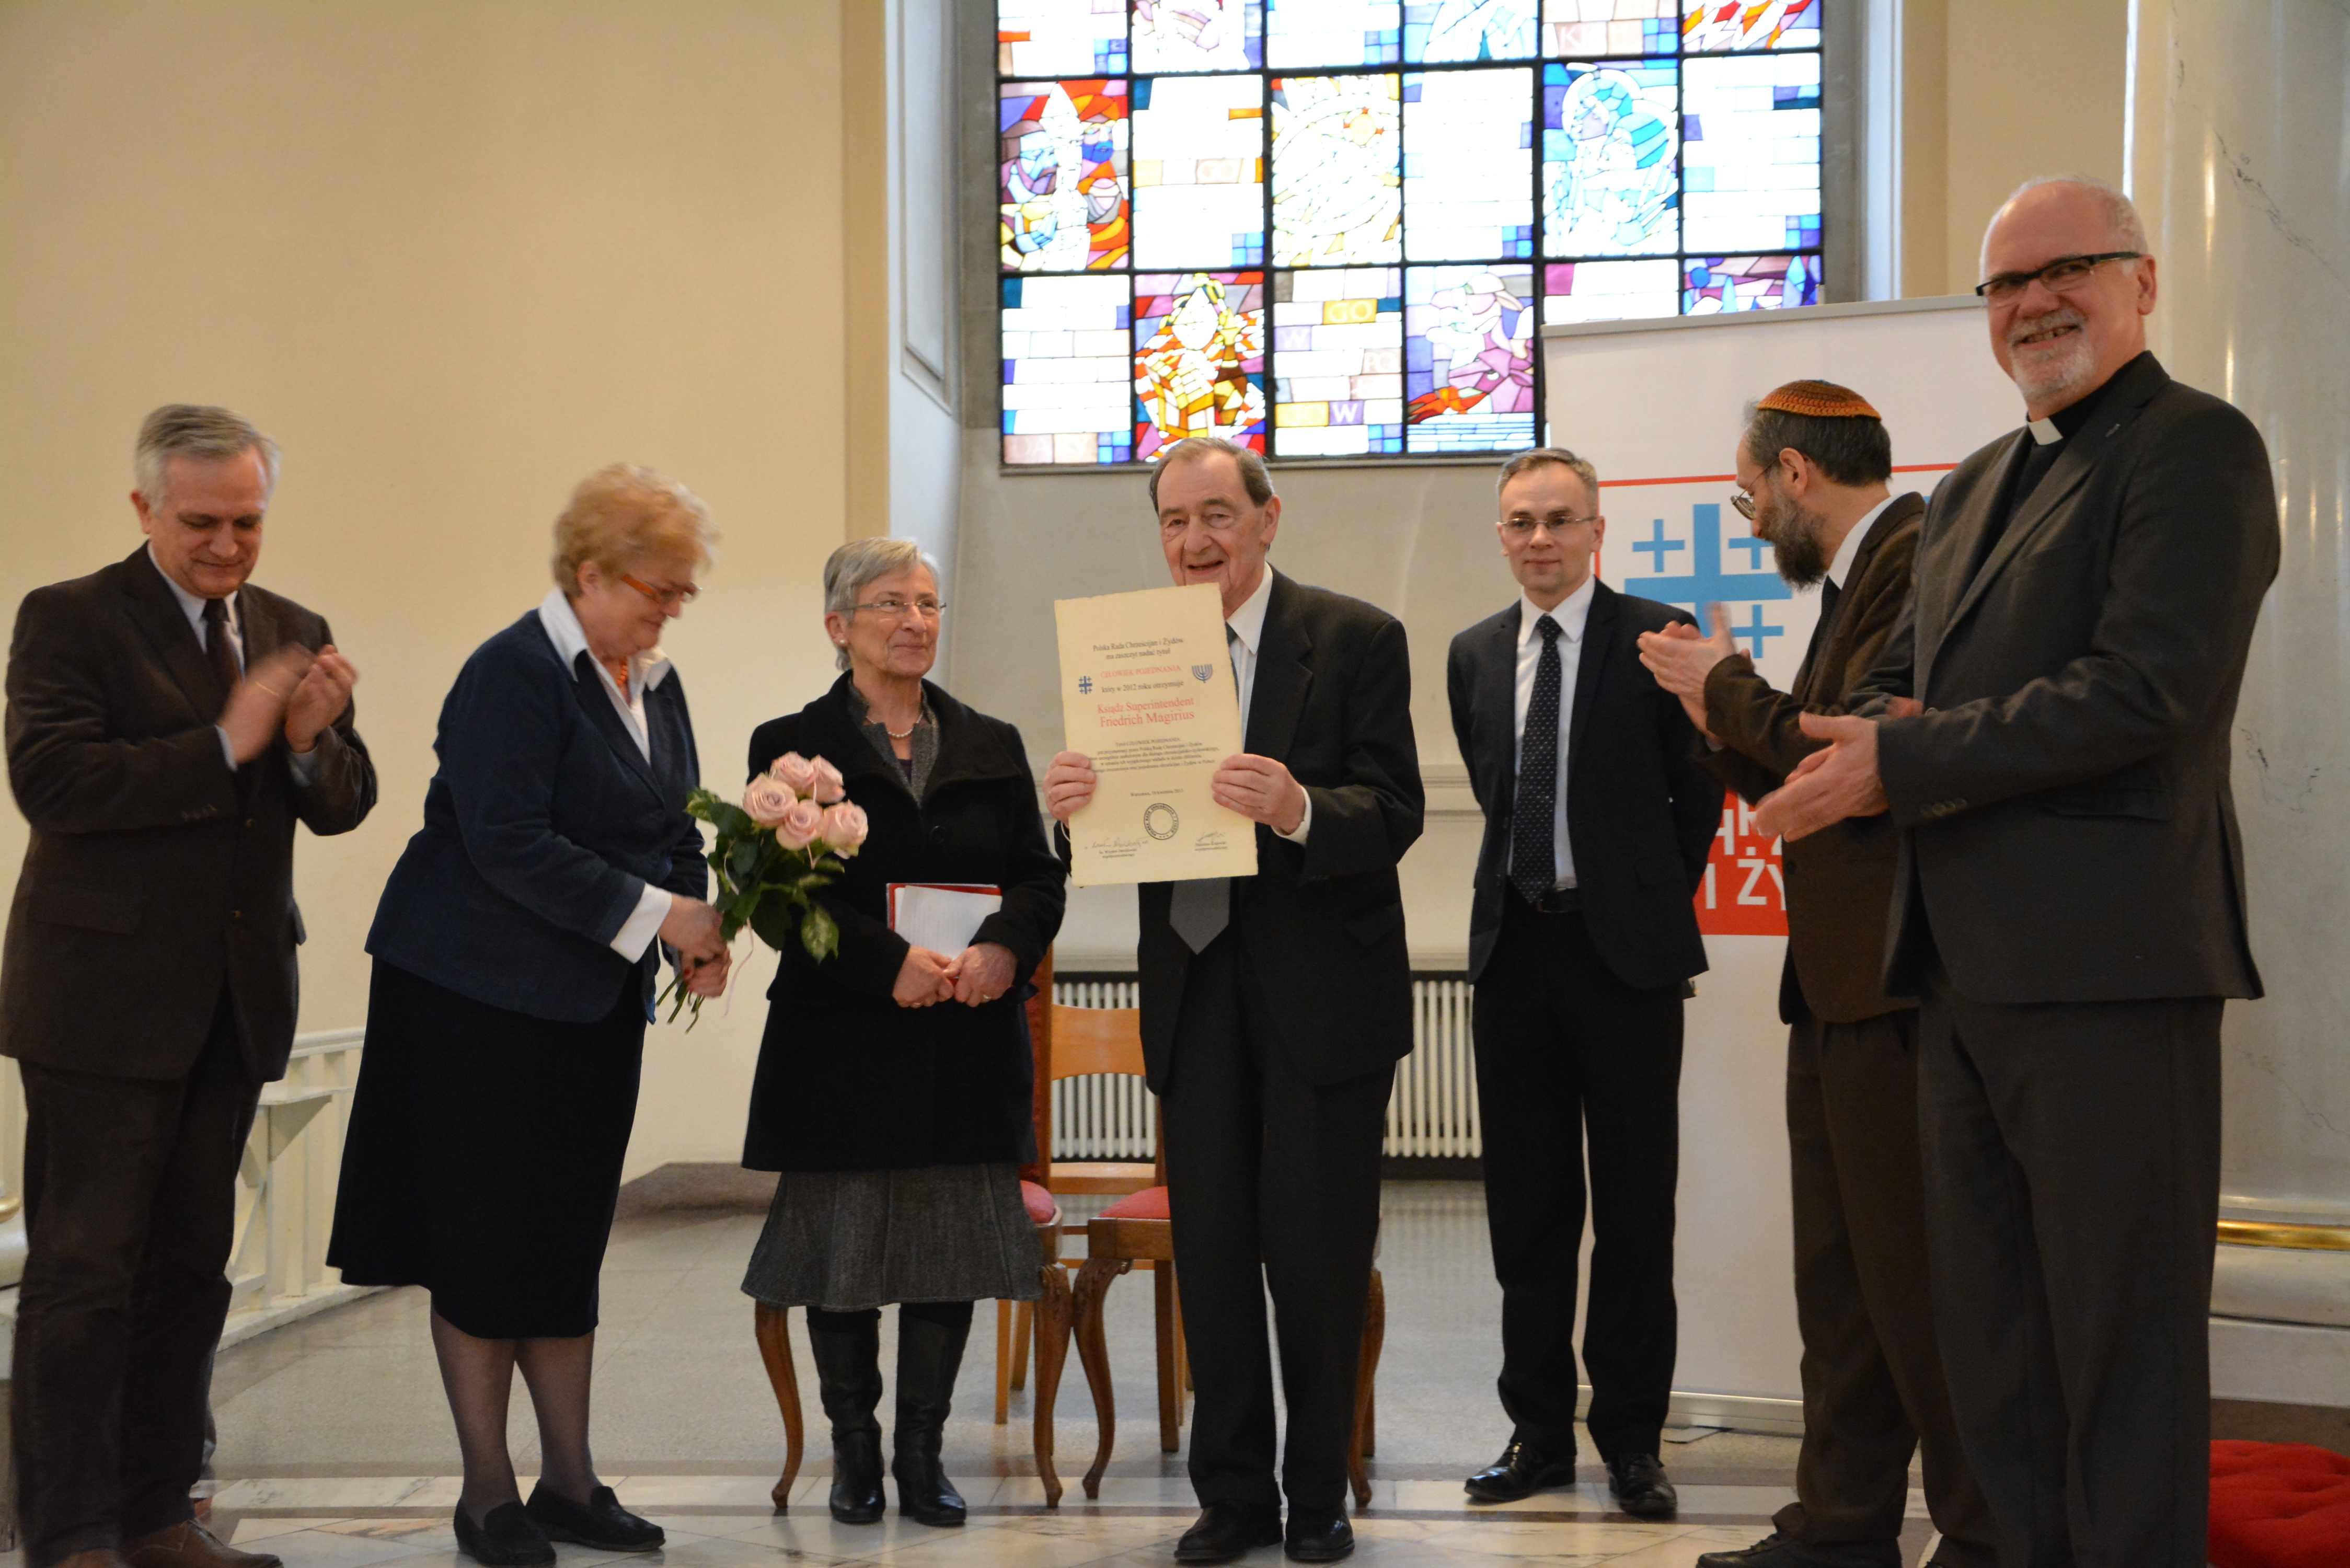 Pastor Friedrich Magirius, Człowiek Pojednania za rok 2012